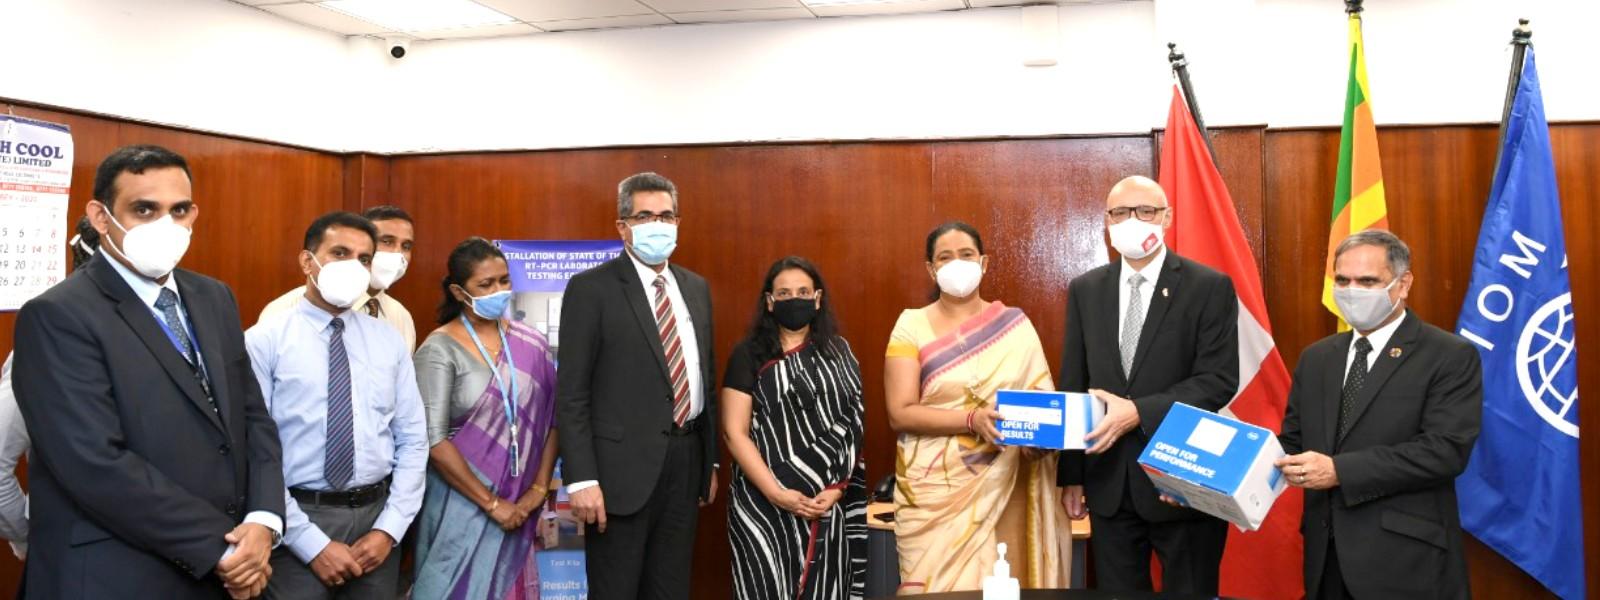 IOM Sri Lanka & Switzerland assist COVID-19 repatriation